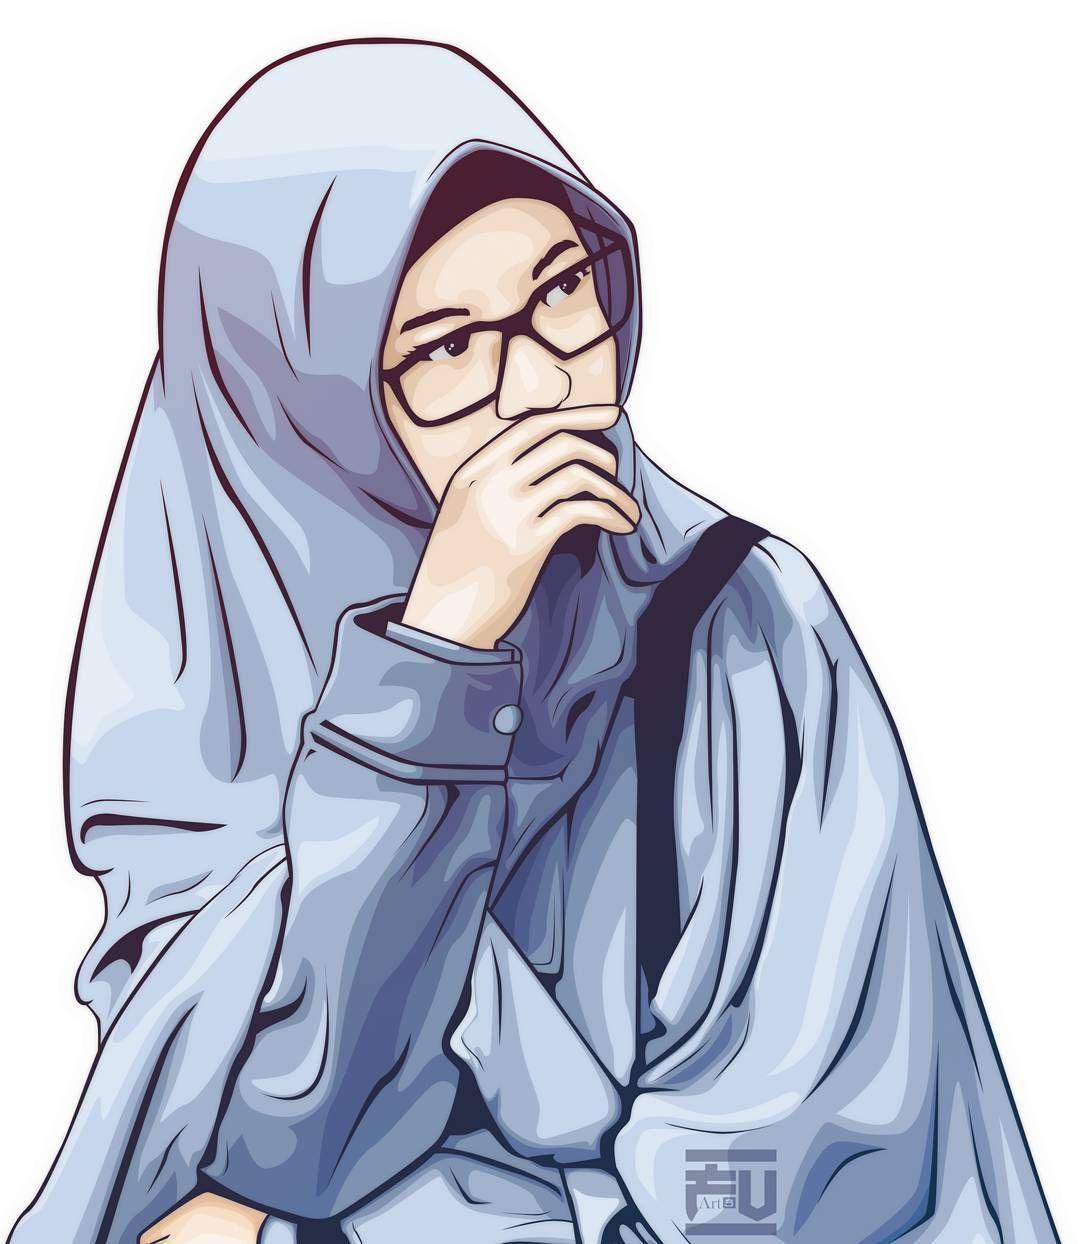 ในภาพอาจจะมี 1 คน Anime character design, Islamic